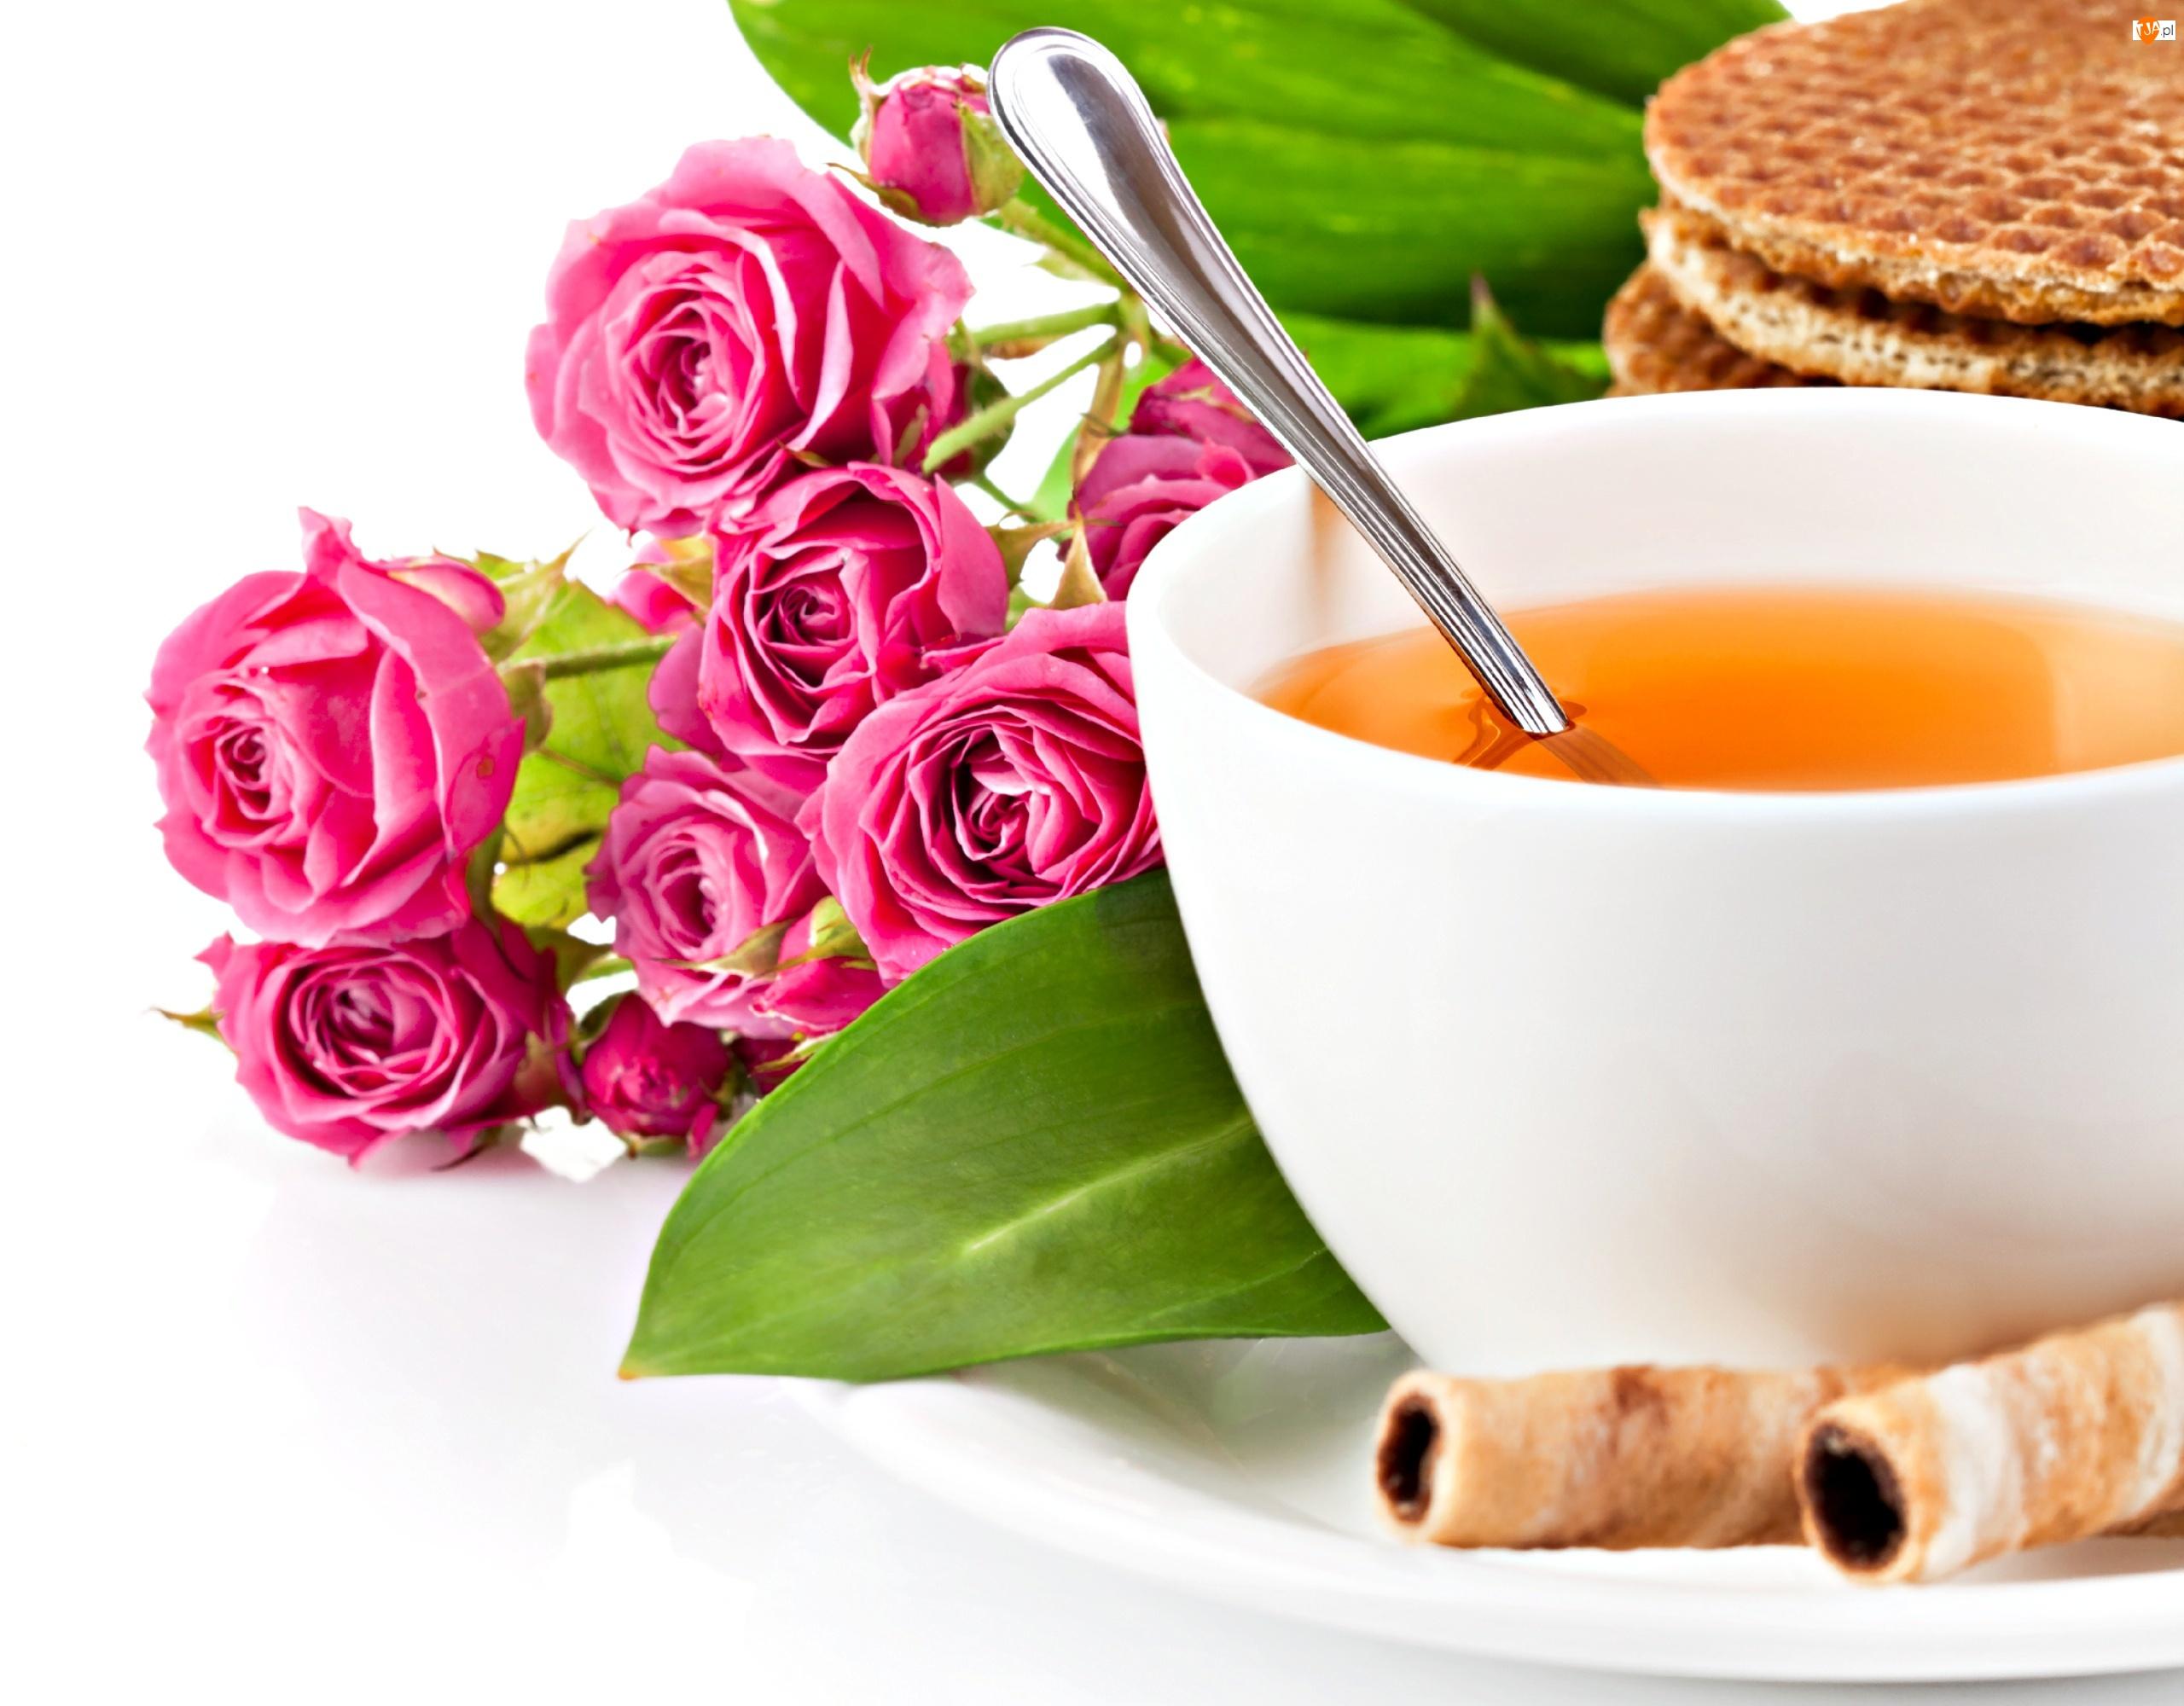 Herbatka, Śniadanie, Ciasteczka, Róże